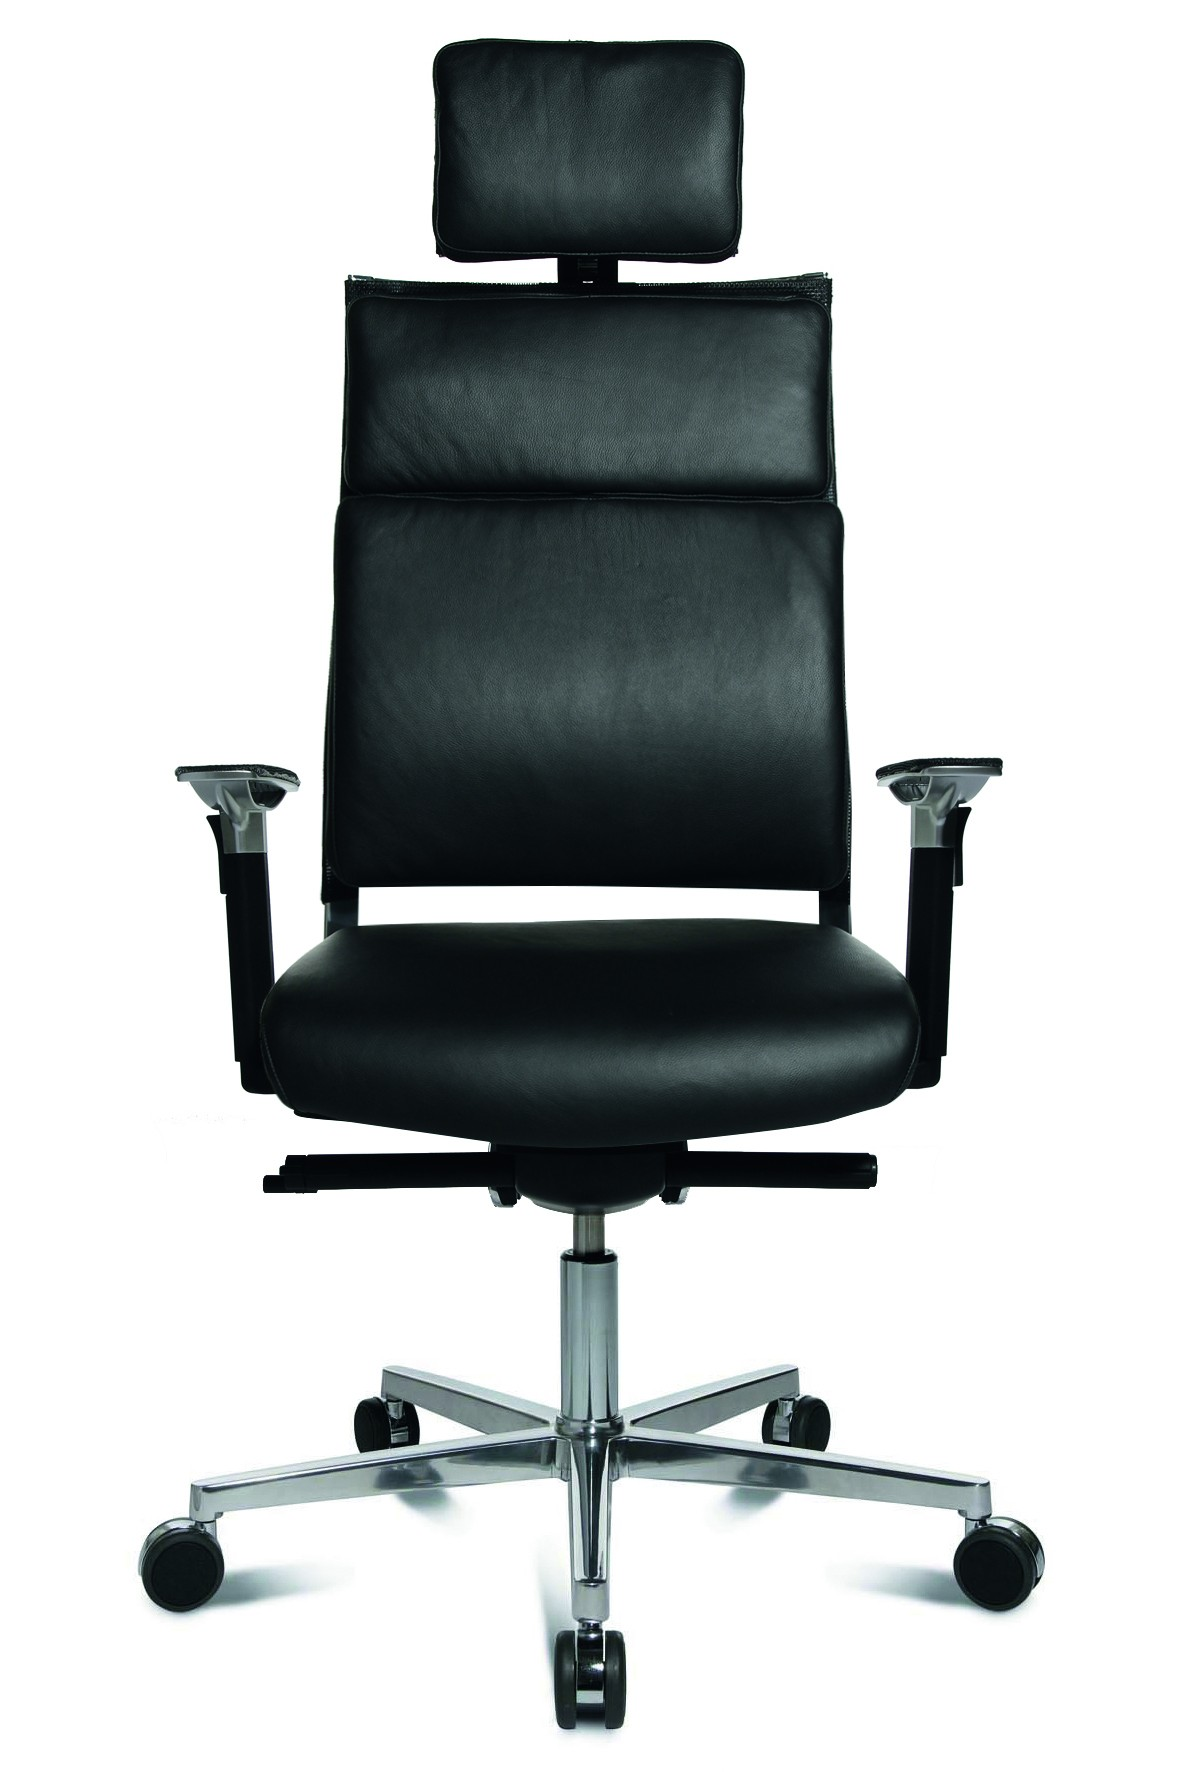 Fauteuil de bureau cuir Arty Achat fauteuil de bureau cuir 89900